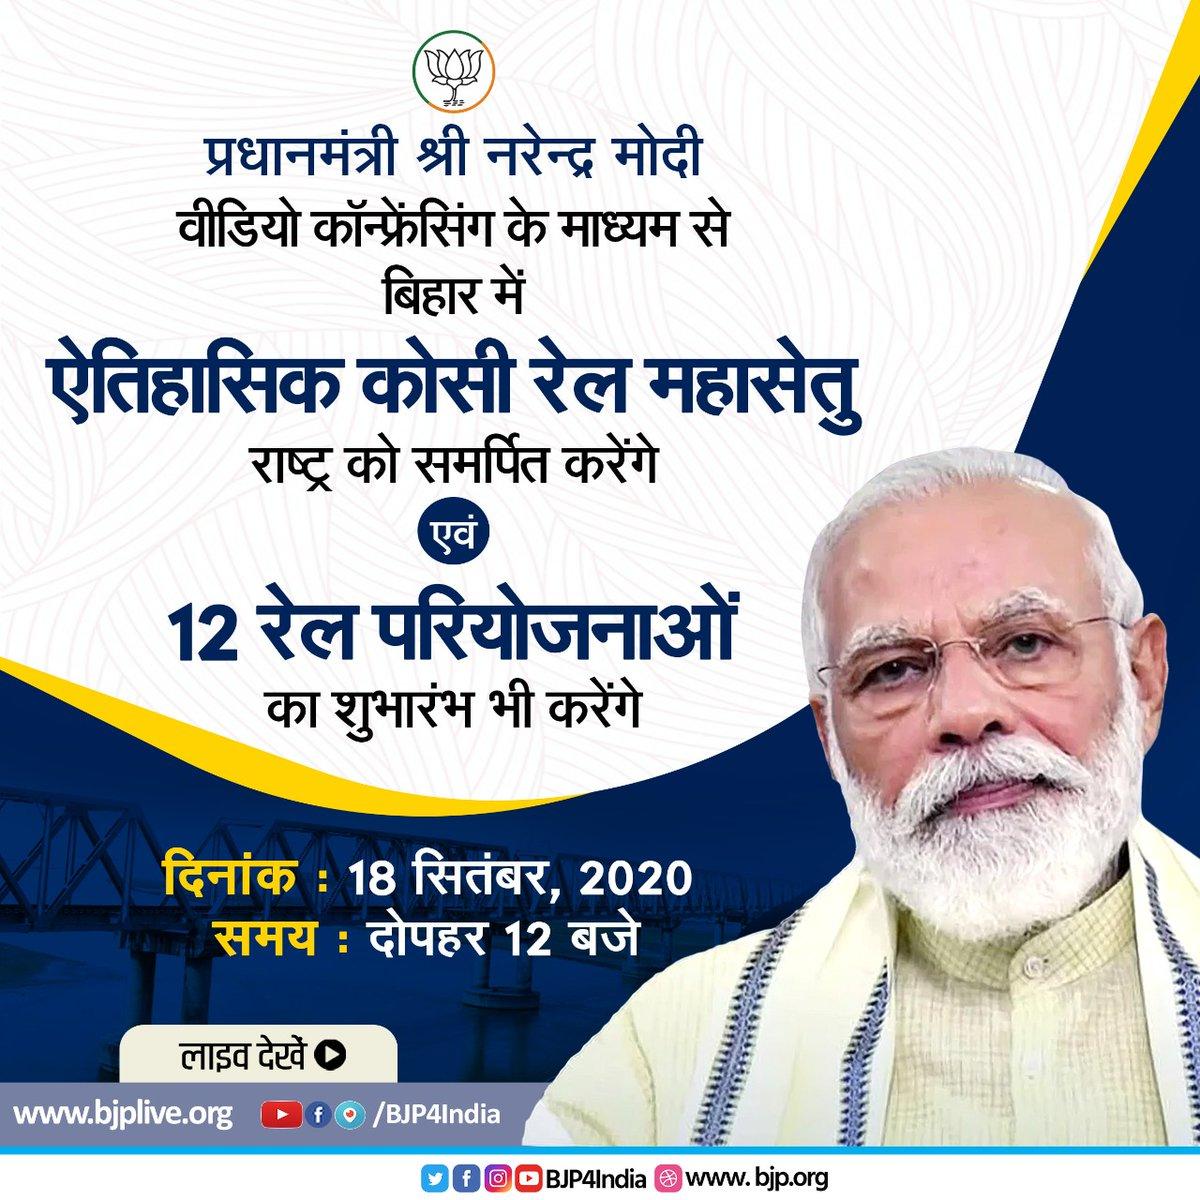 प्रधानमंत्री श्री @narendramodi आज बिहार में ऐतिहासिक कोसी रेल महासेतु राष्ट्र को समर्पित करेंगे एवं 12 रेल परियोजनाओं का शुभारंभ भी करेंगे।  @BJP4India @BJP4Bihar https://t.co/IHjqArCajM